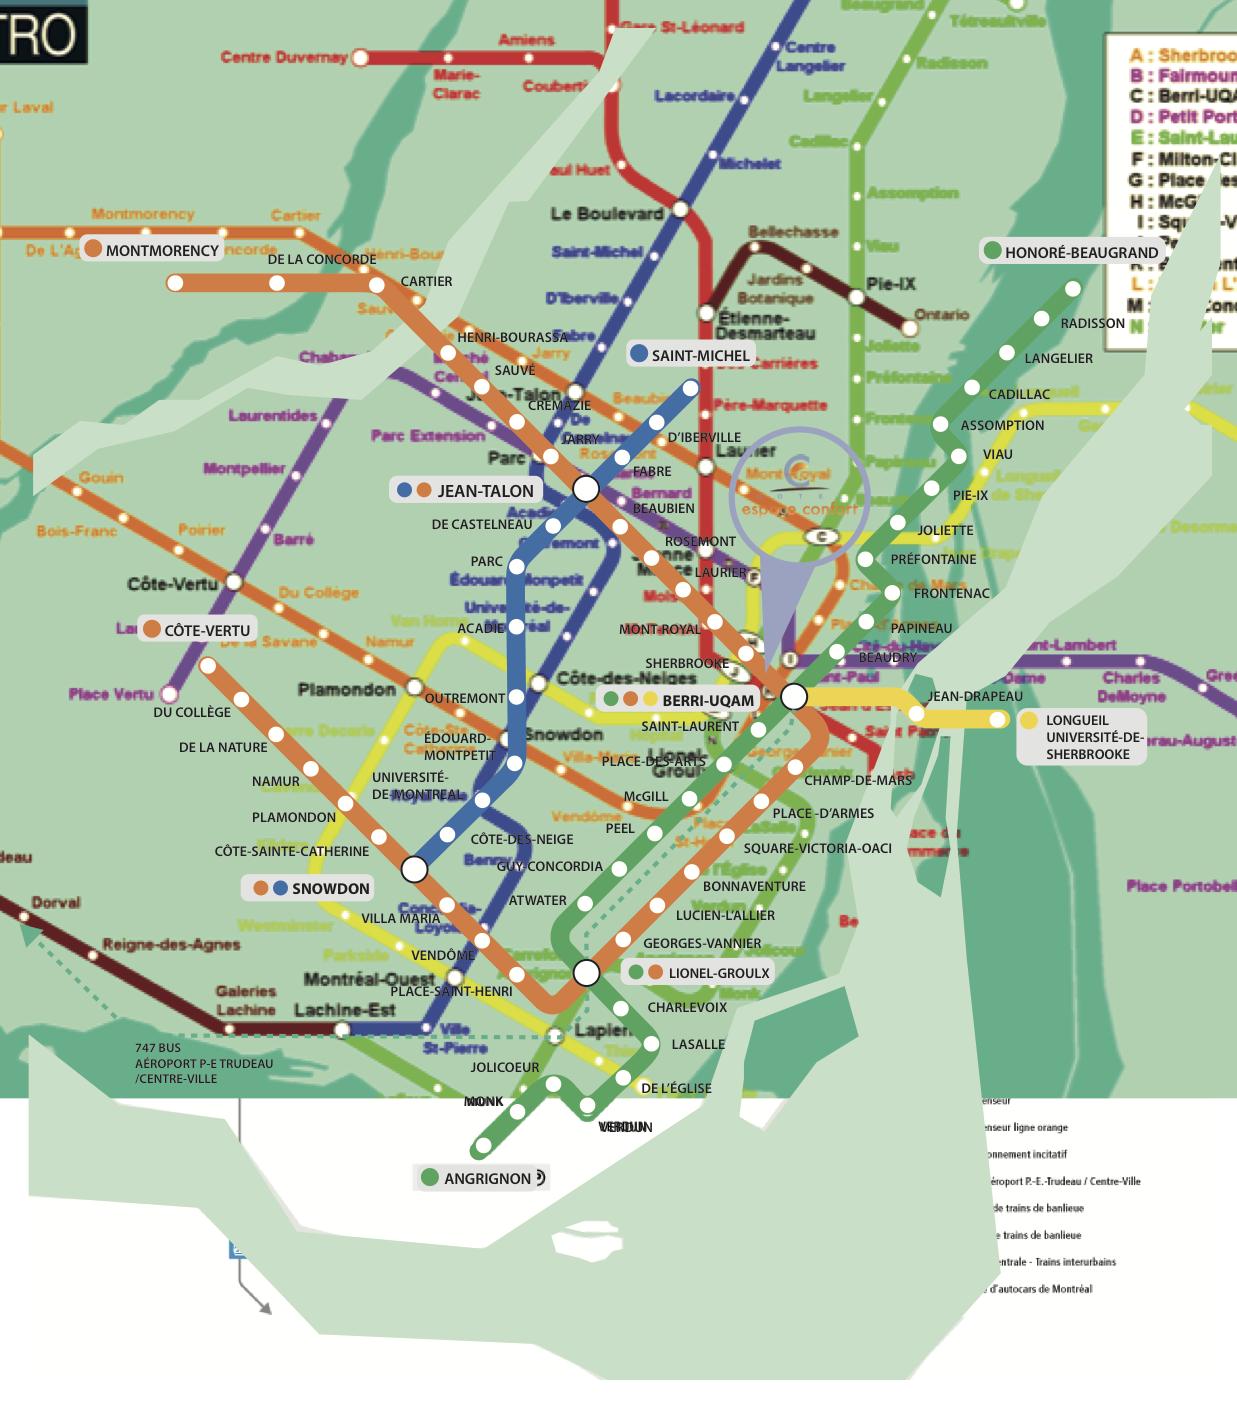 Metro-MTL